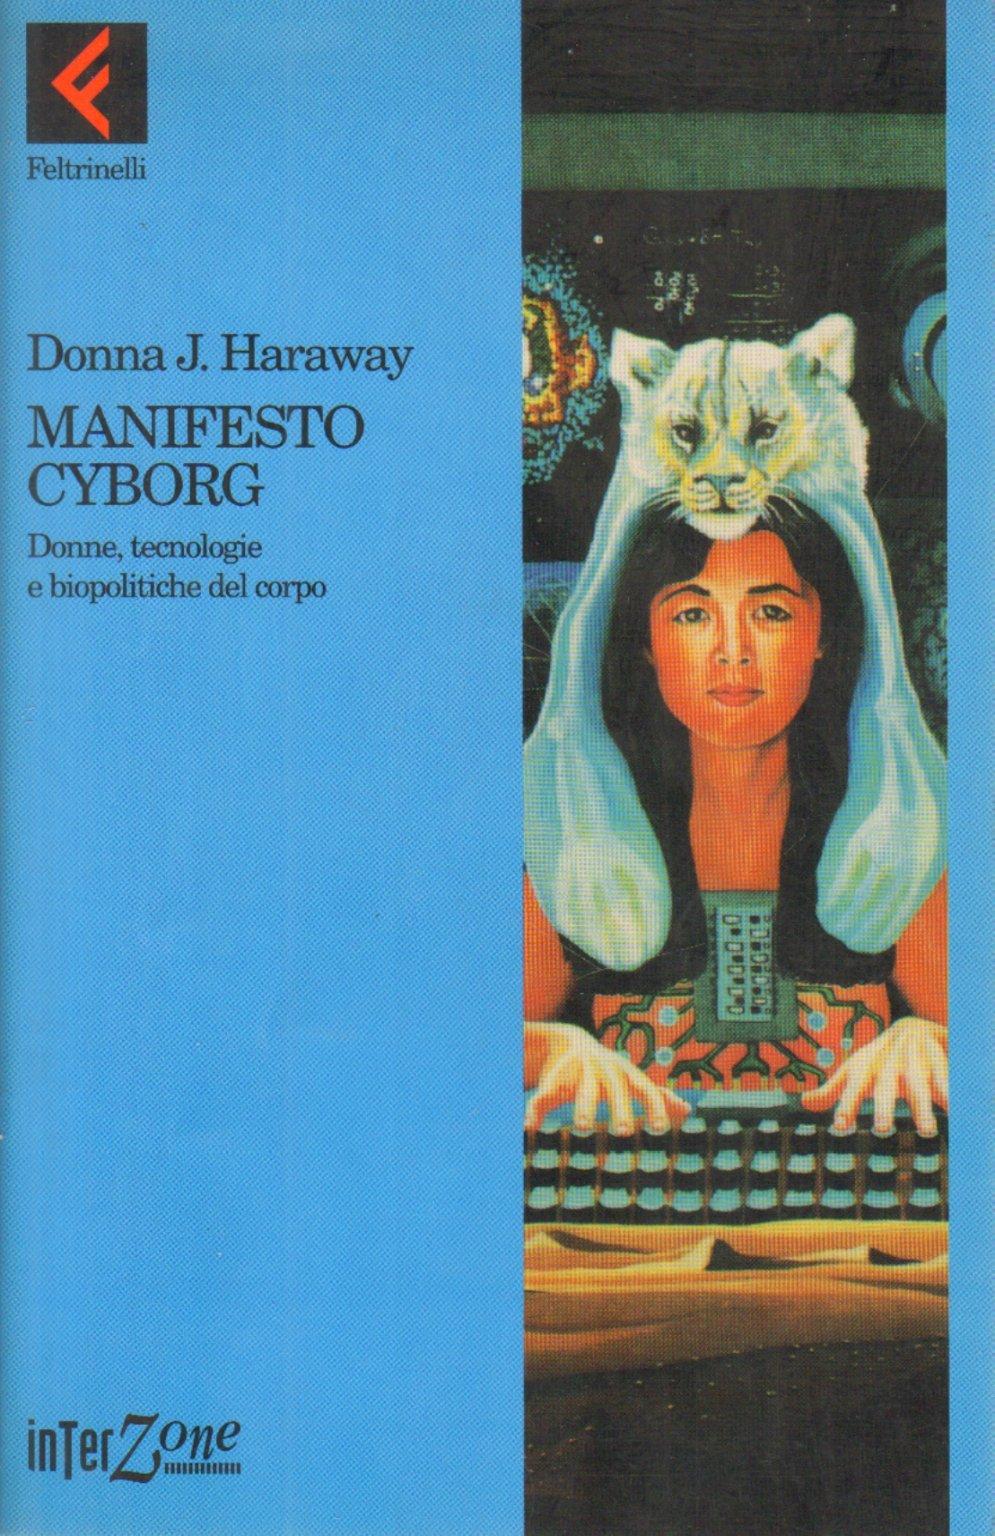 """Résultat de recherche d'images pour """"Donna Haraway cyborg"""""""